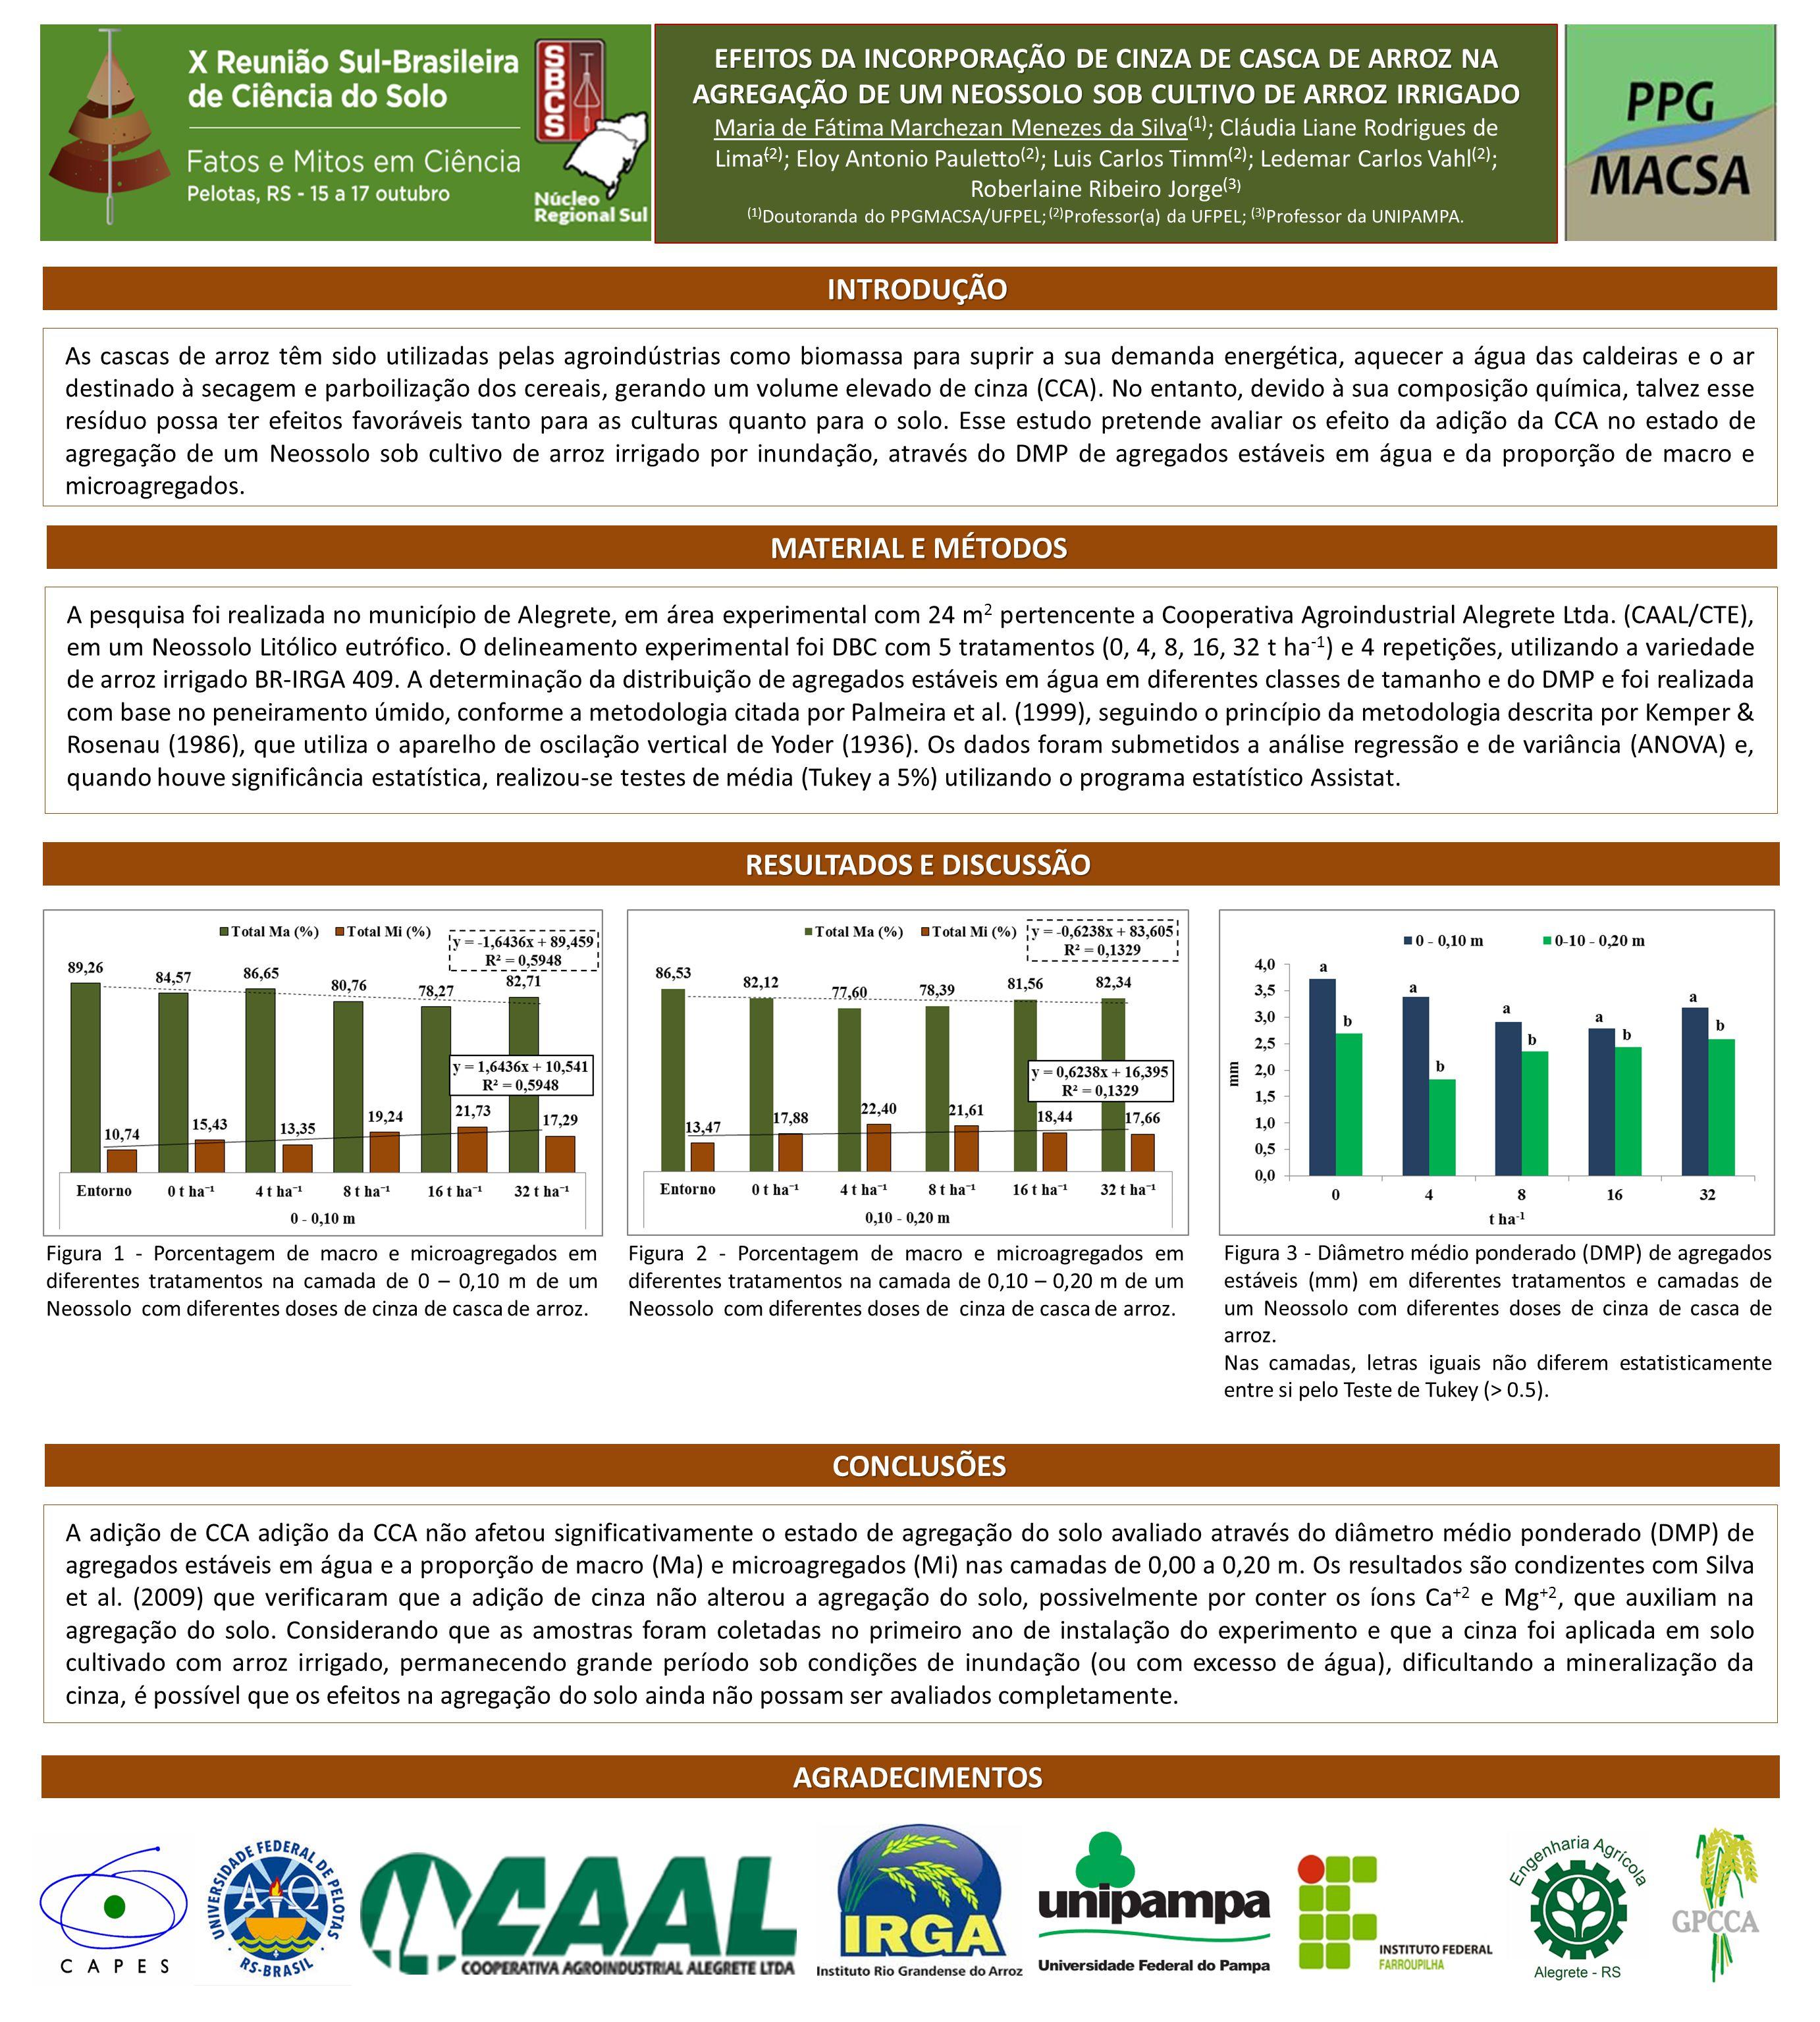 As cascas de arroz têm sido utilizadas pelas agroindústrias como biomassa para suprir a sua demanda energética, aquecer a água das caldeiras e o ar de